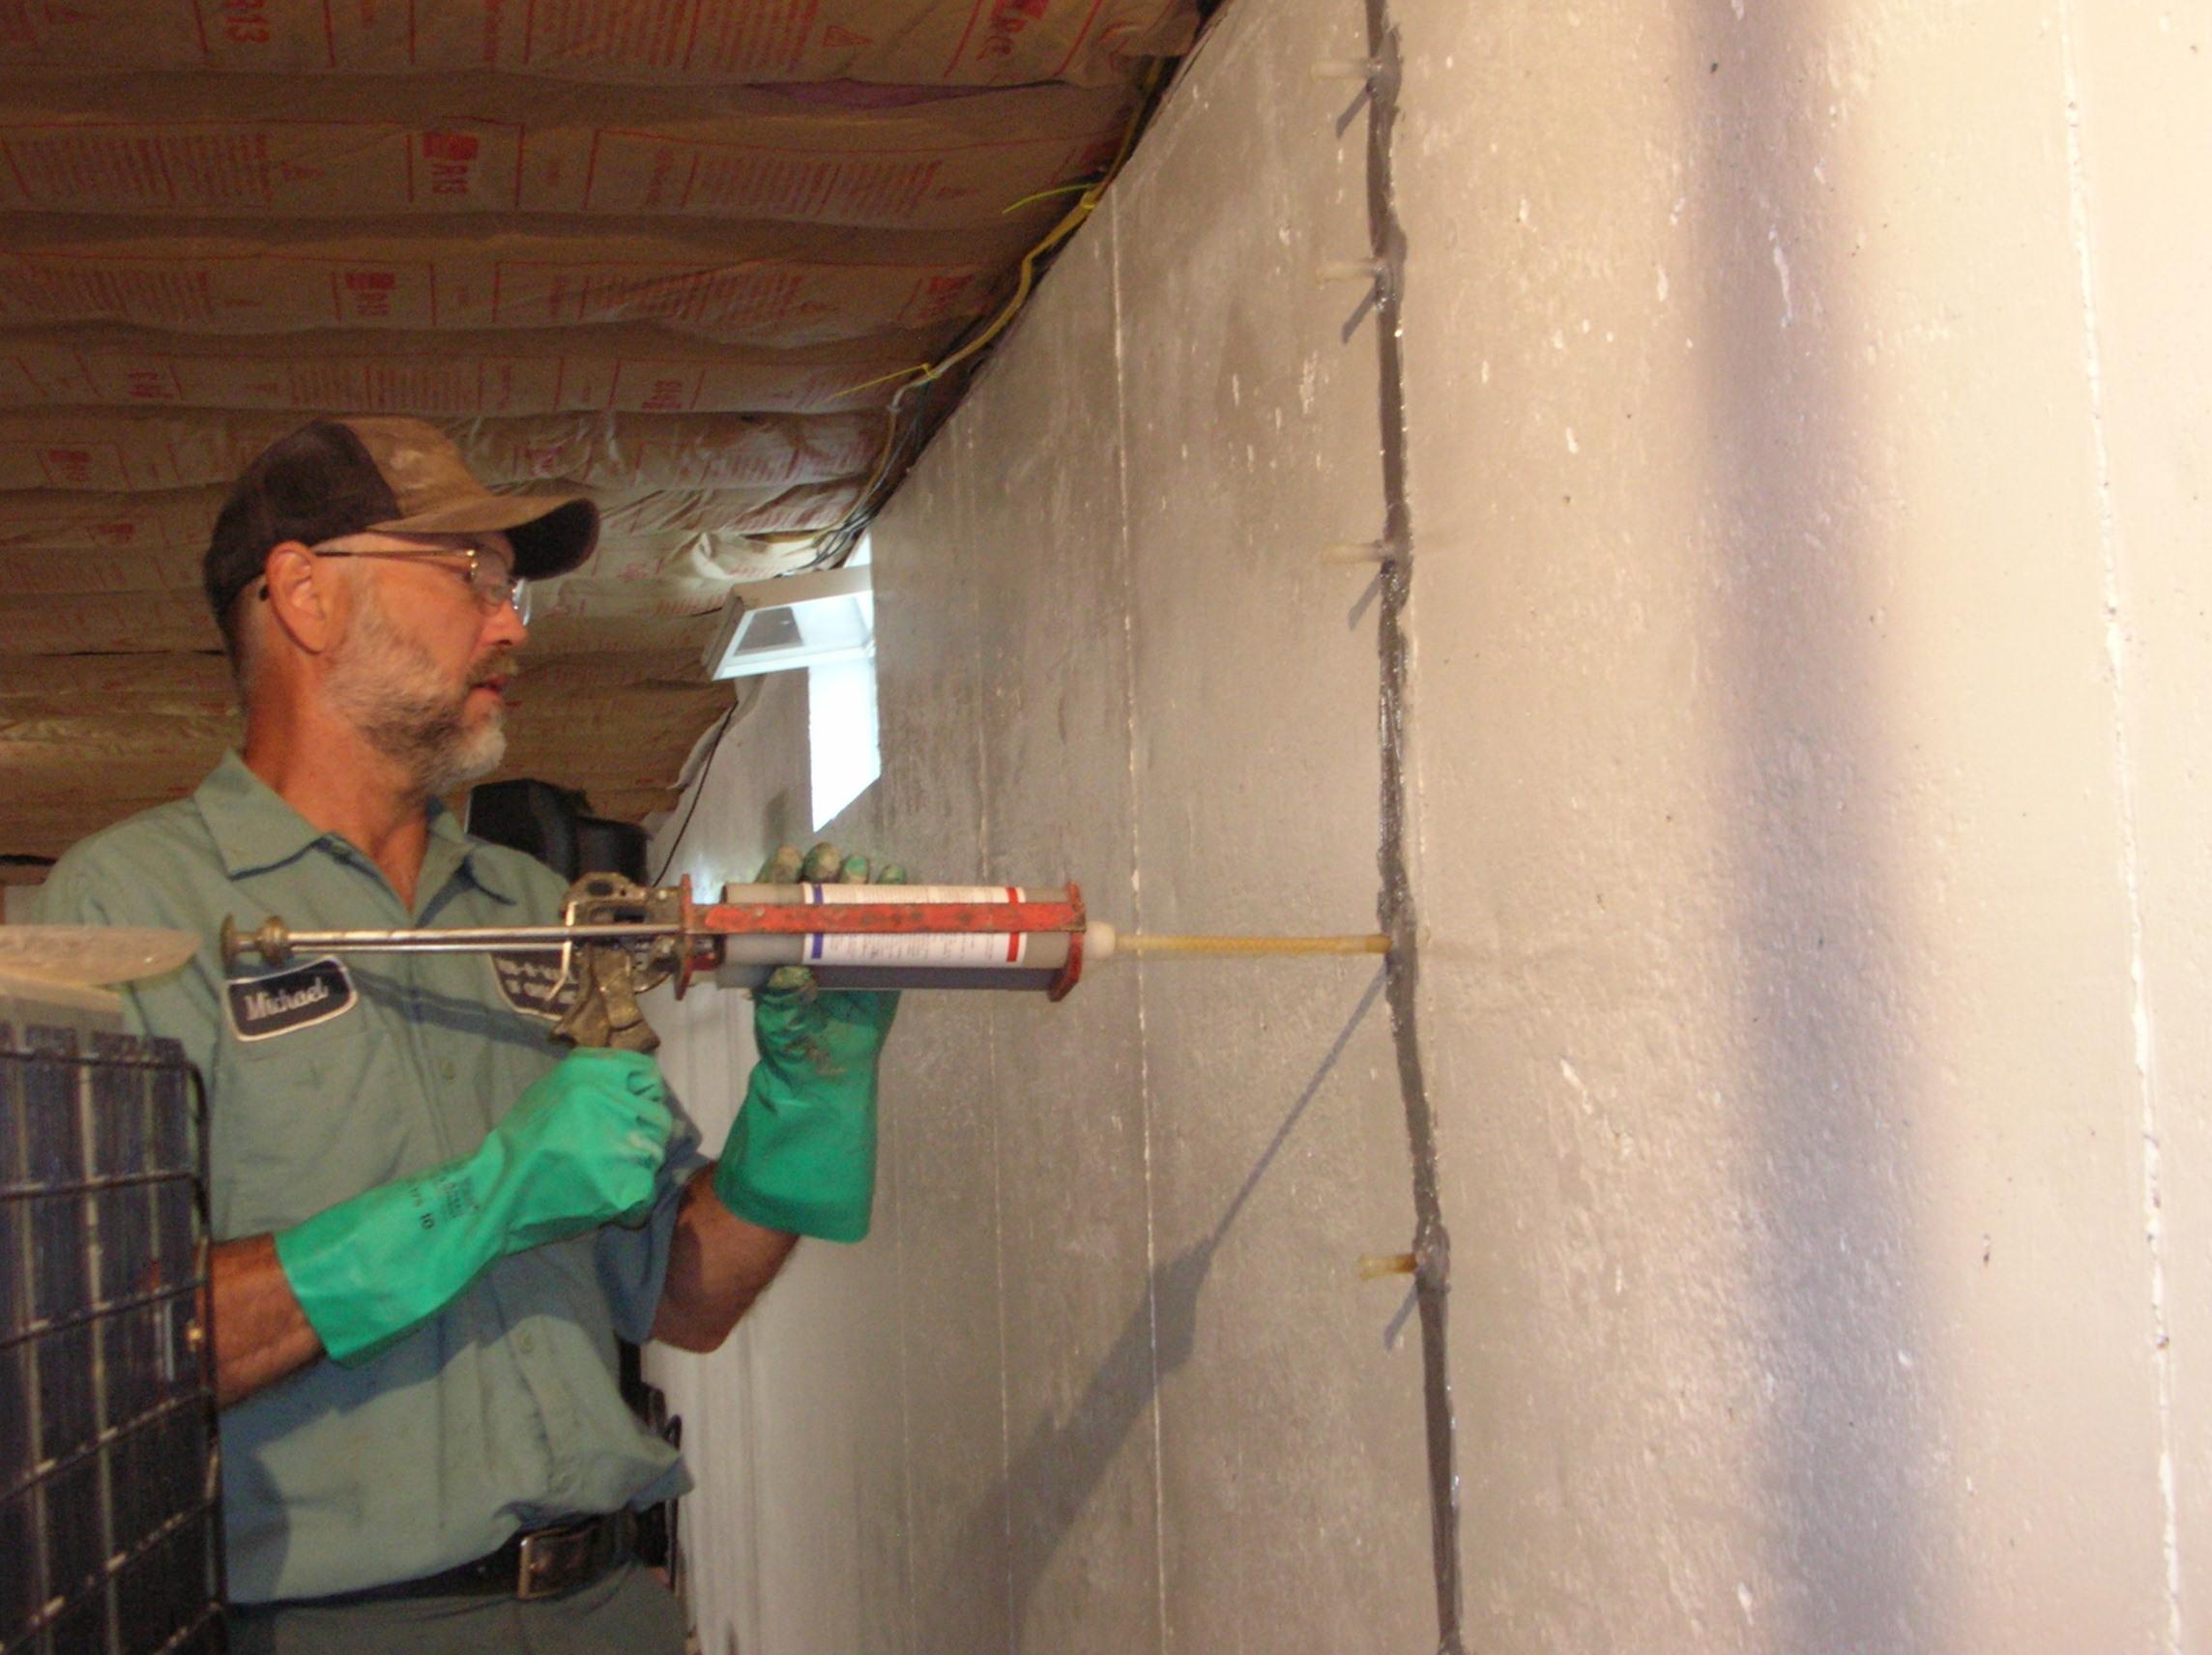 Repairing Basement Wall Cracks